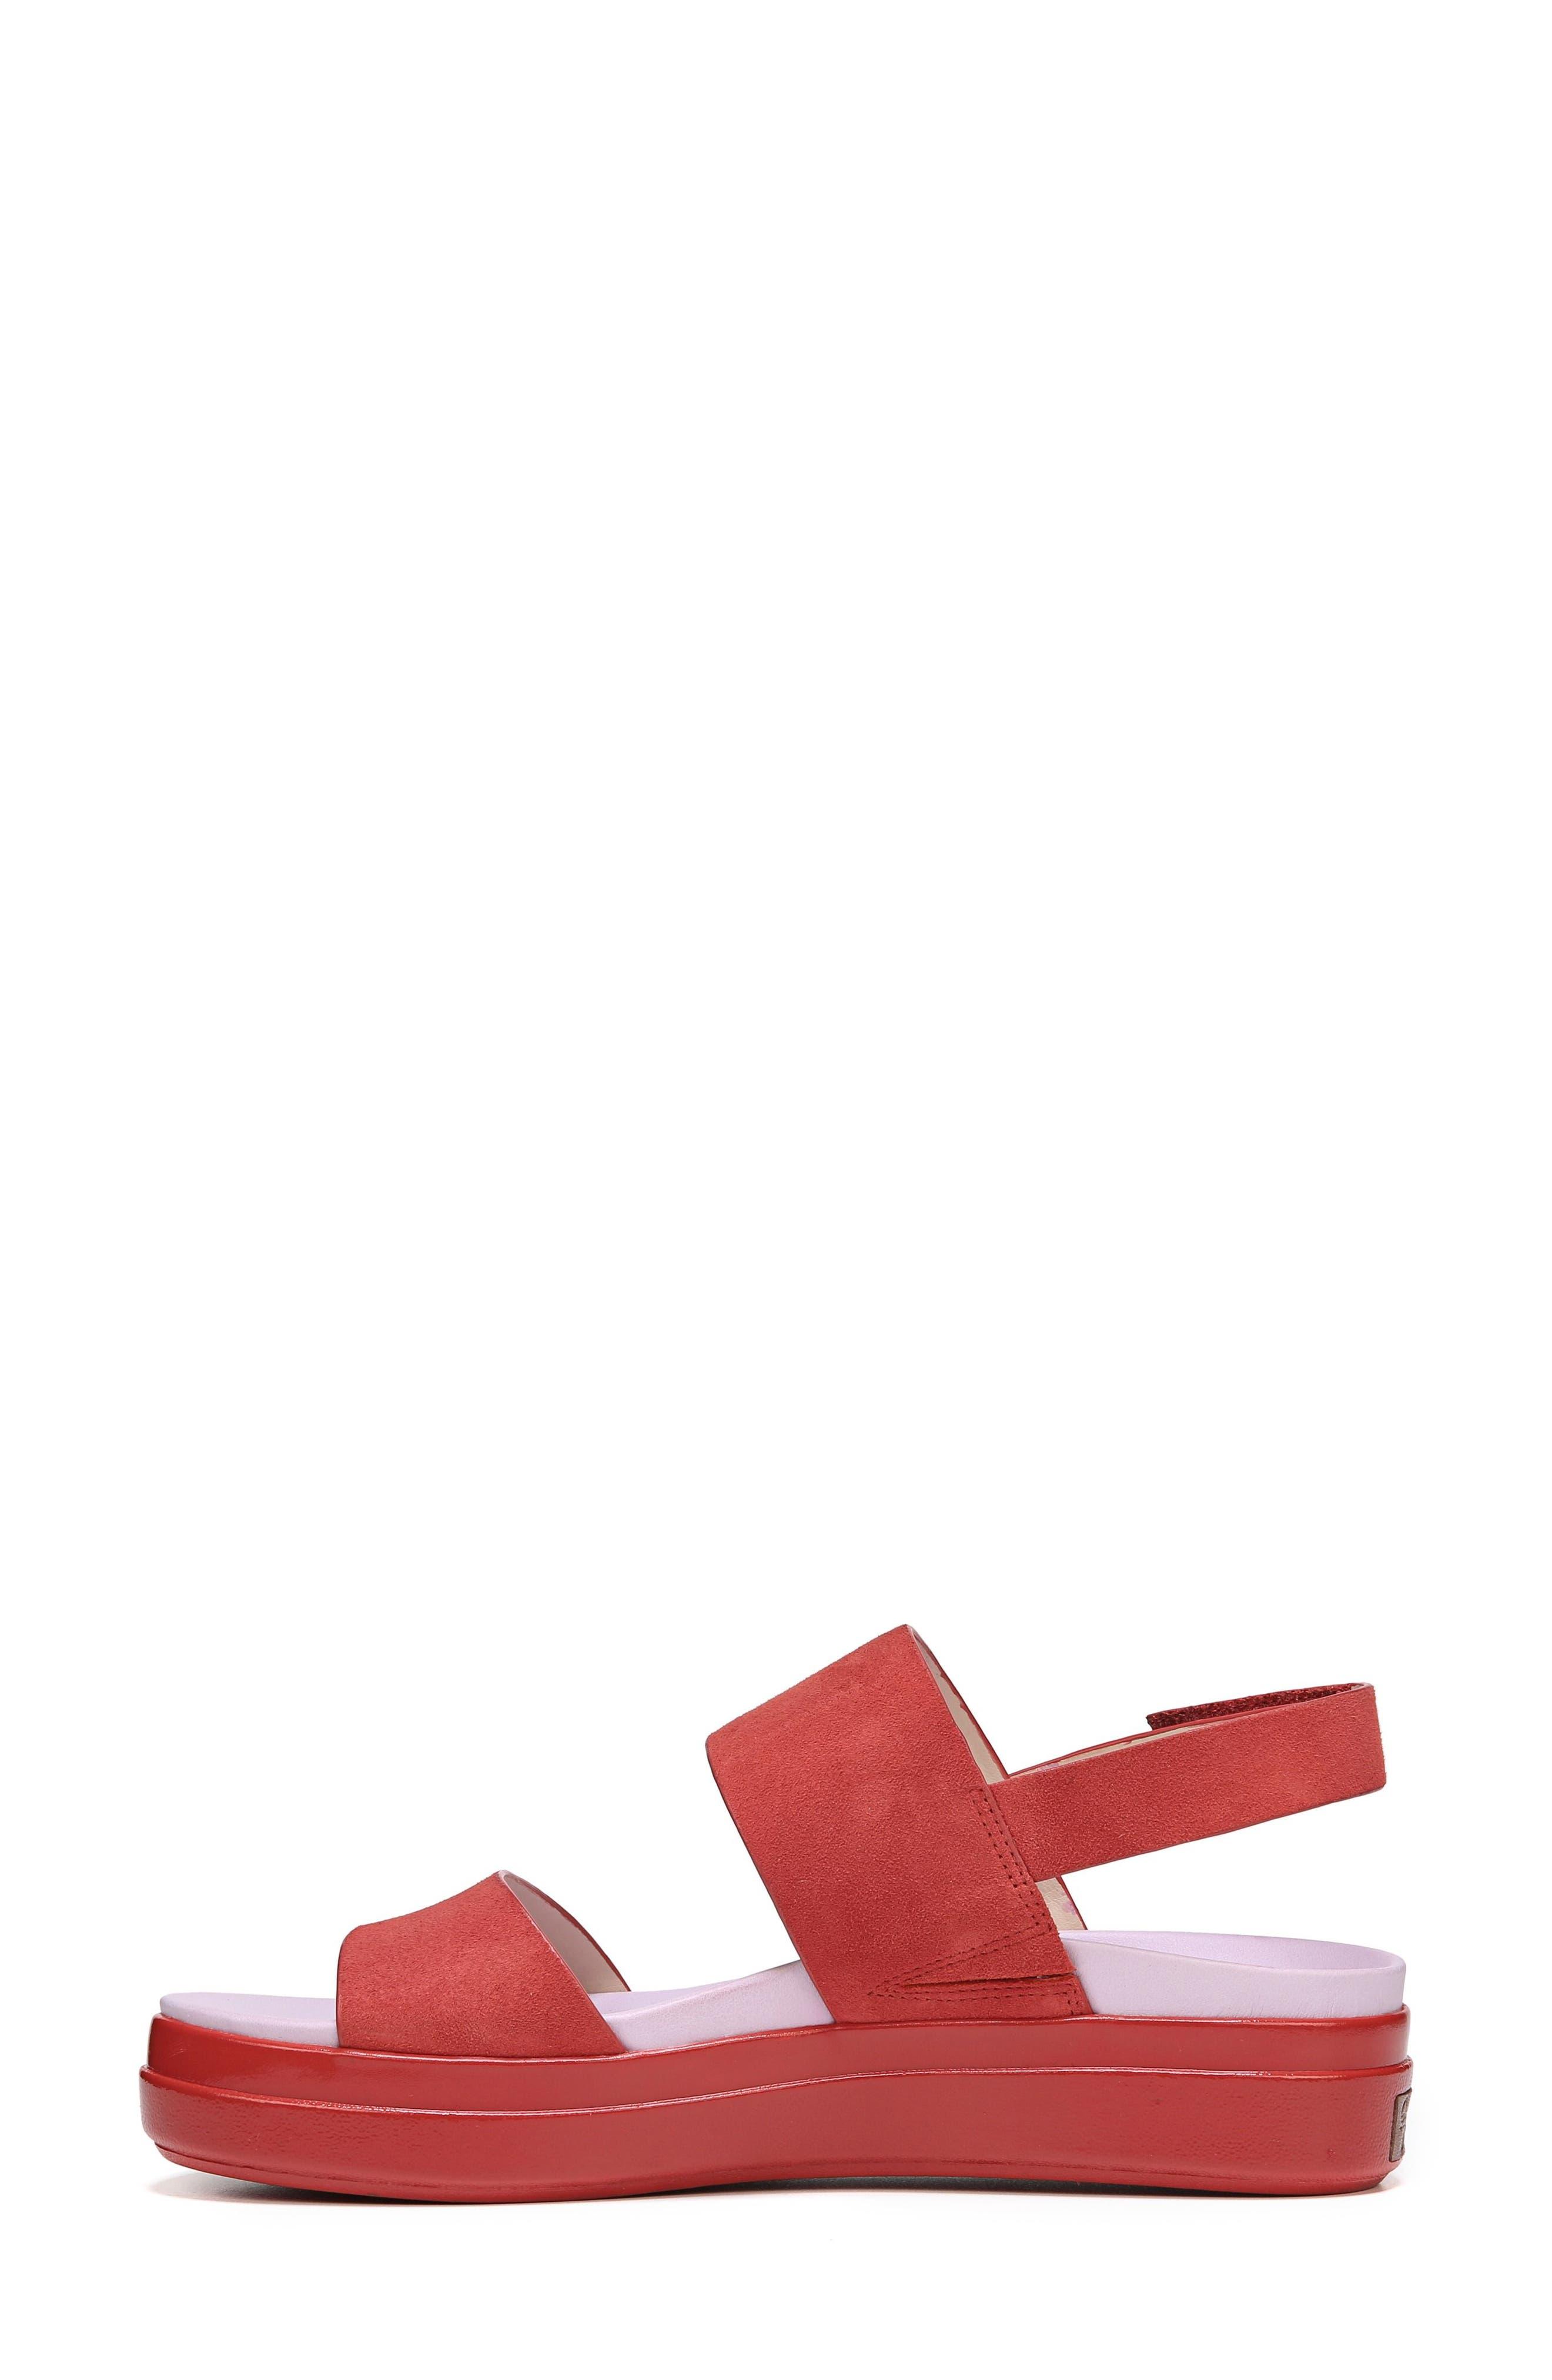 Scout Platform Sandal,                             Alternate thumbnail 3, color,                             Paprika Suede